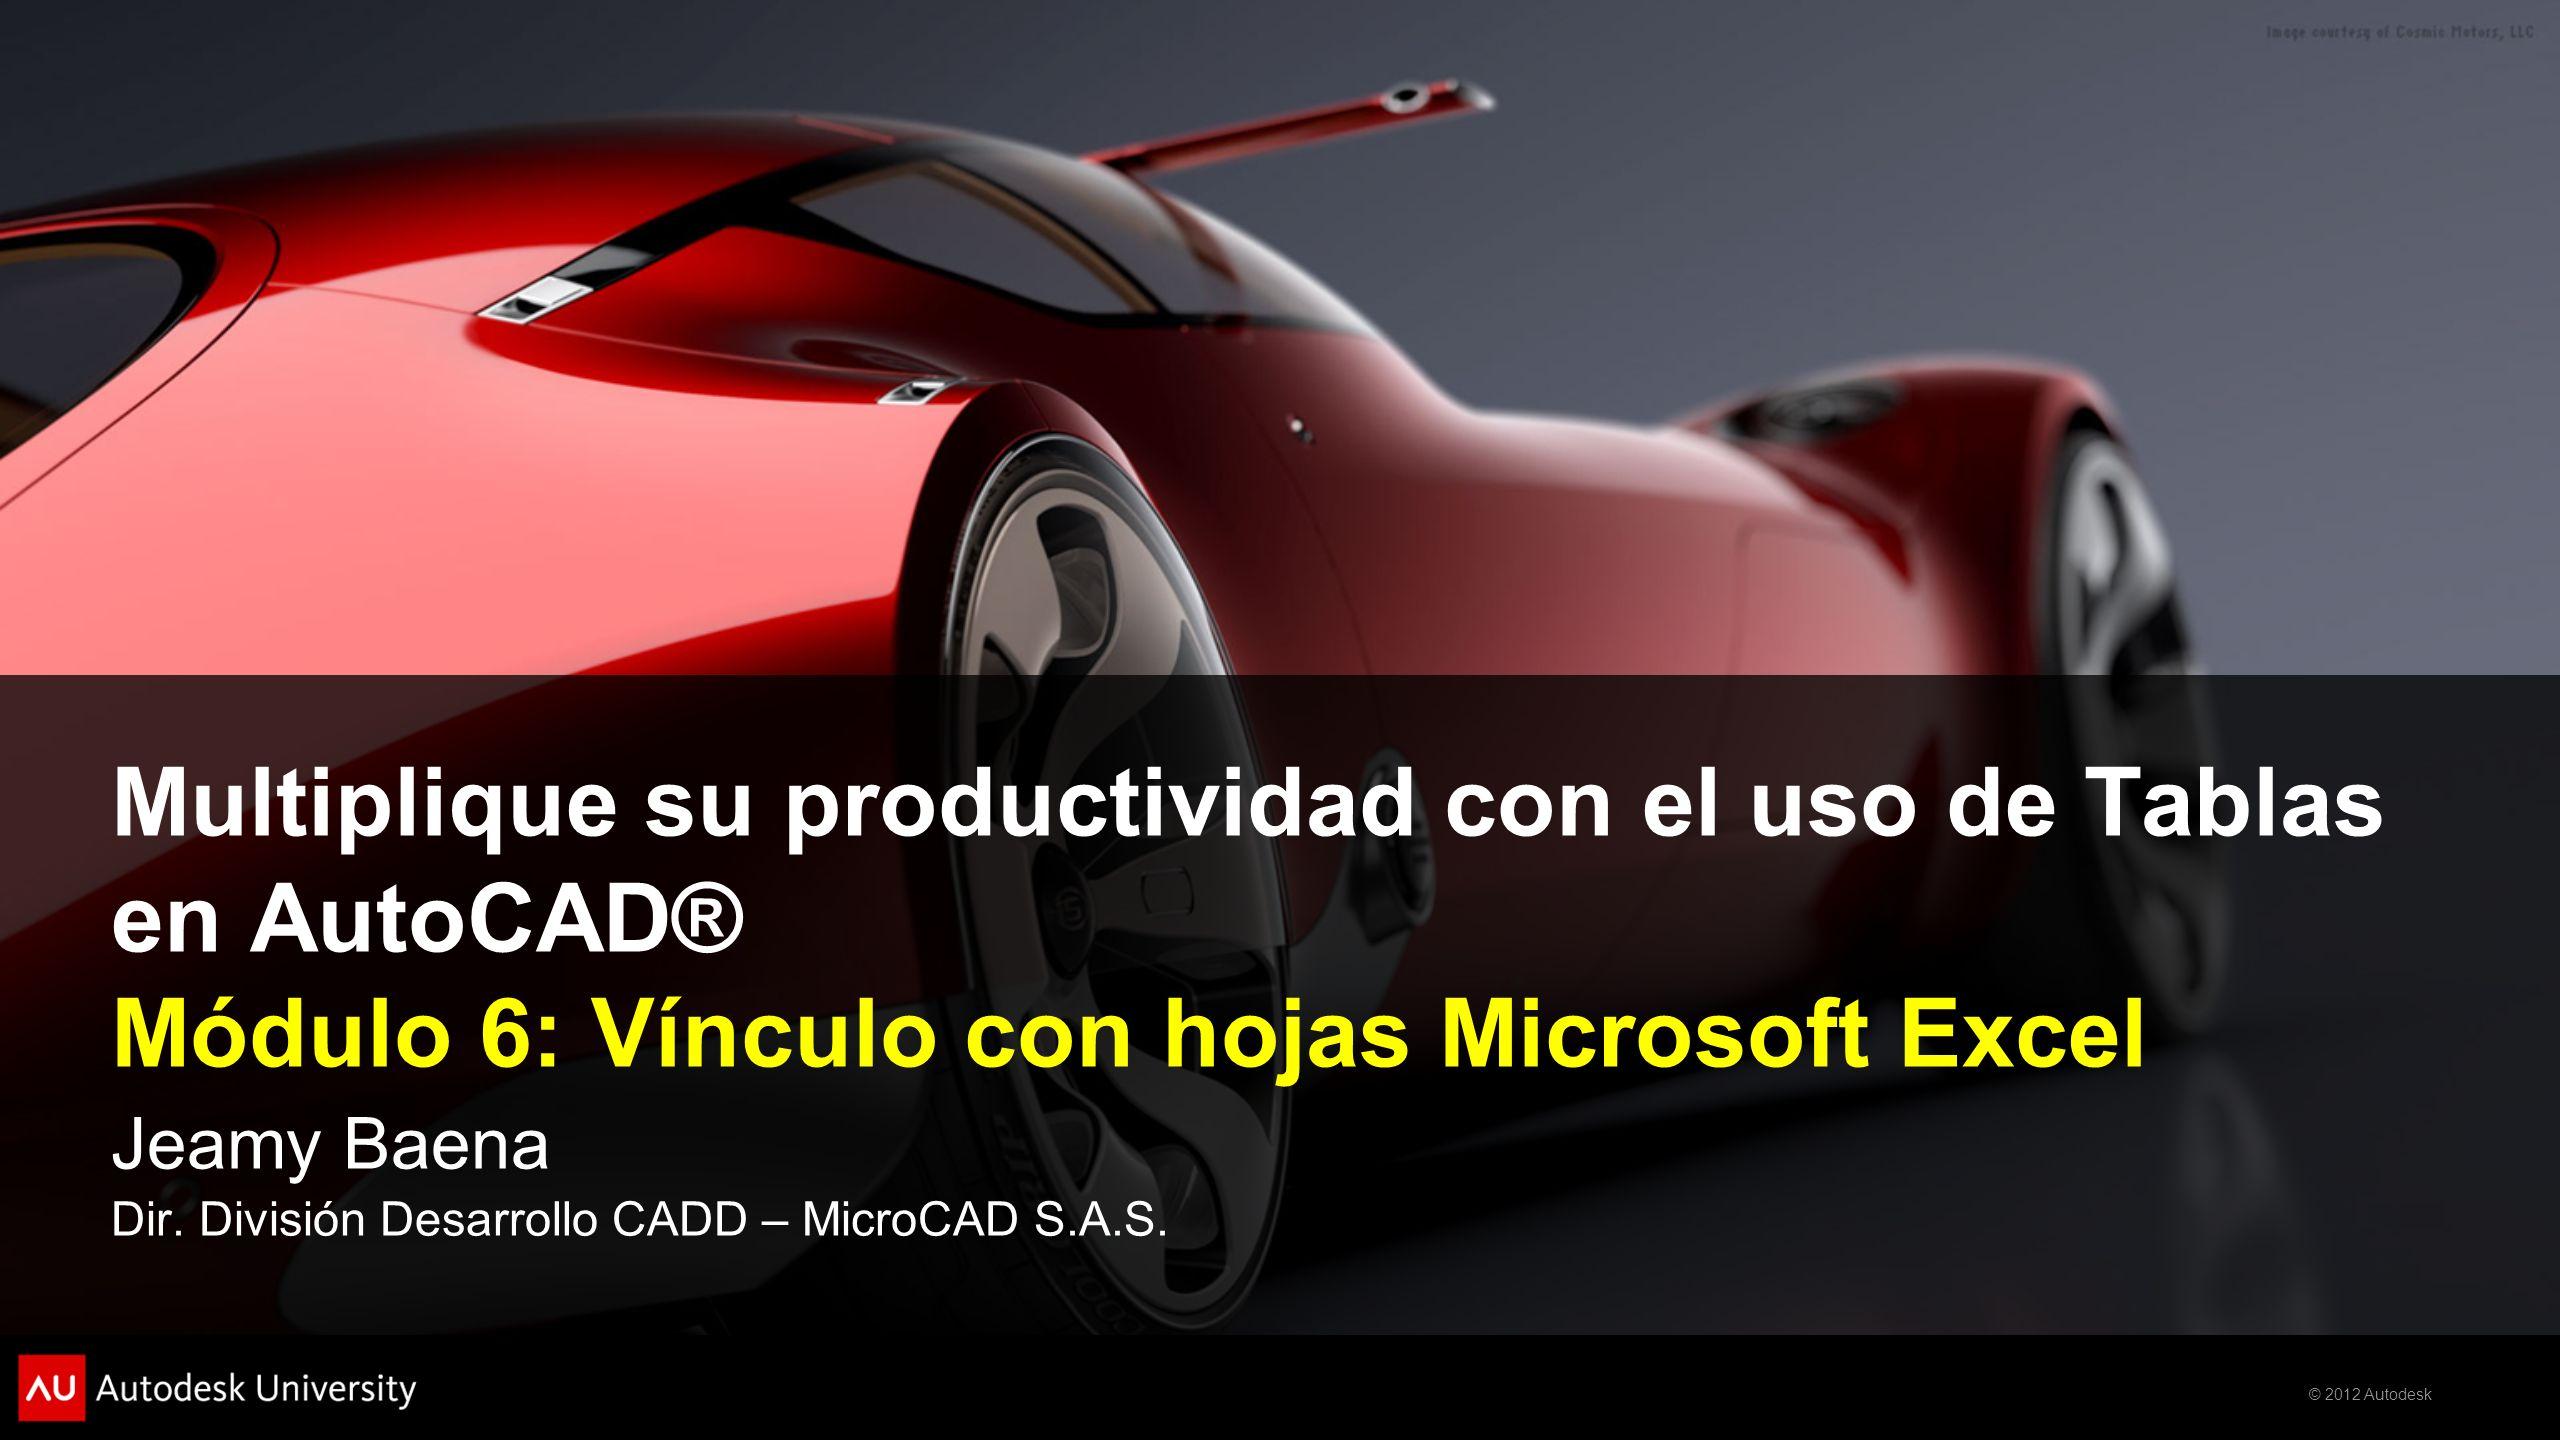 Multiplique su productividad con el uso de Tablas en AutoCAD® Módulo 6: Vínculo con hojas Microsoft Excel